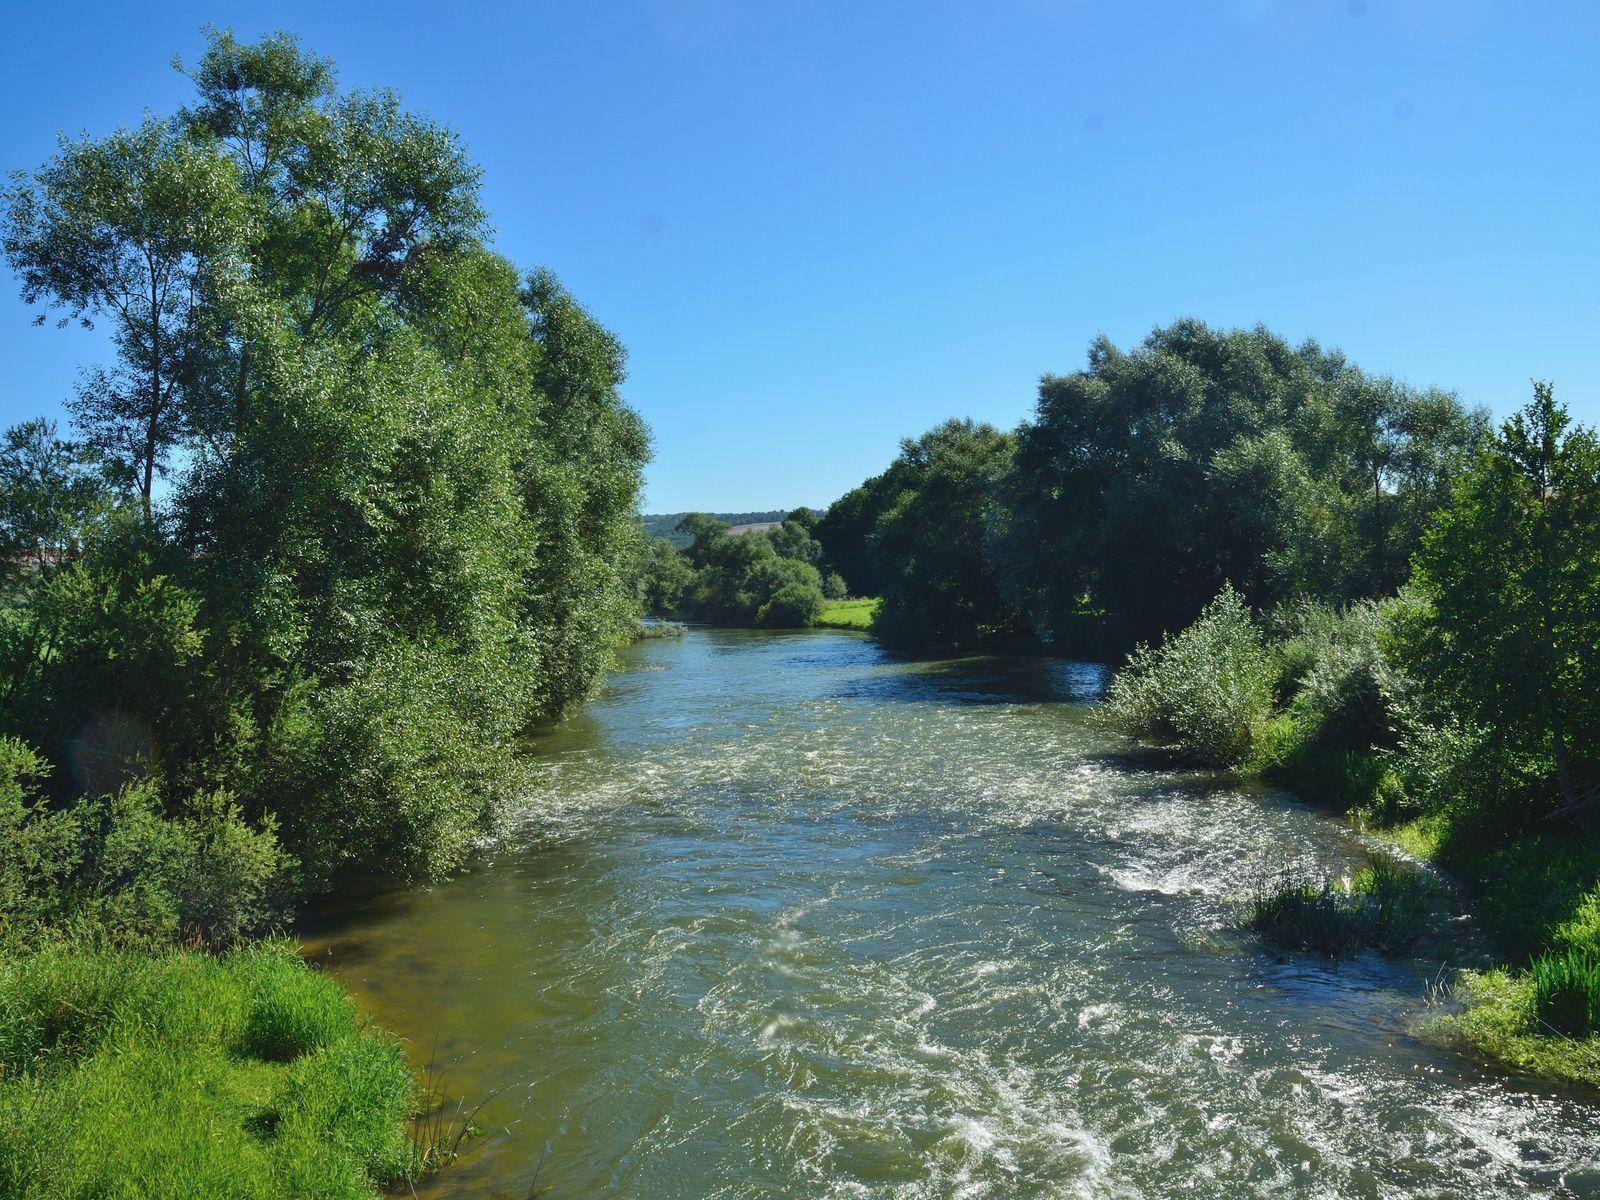 Le fleuve Meuse. Gîte des Palots-Verdun-Meuse